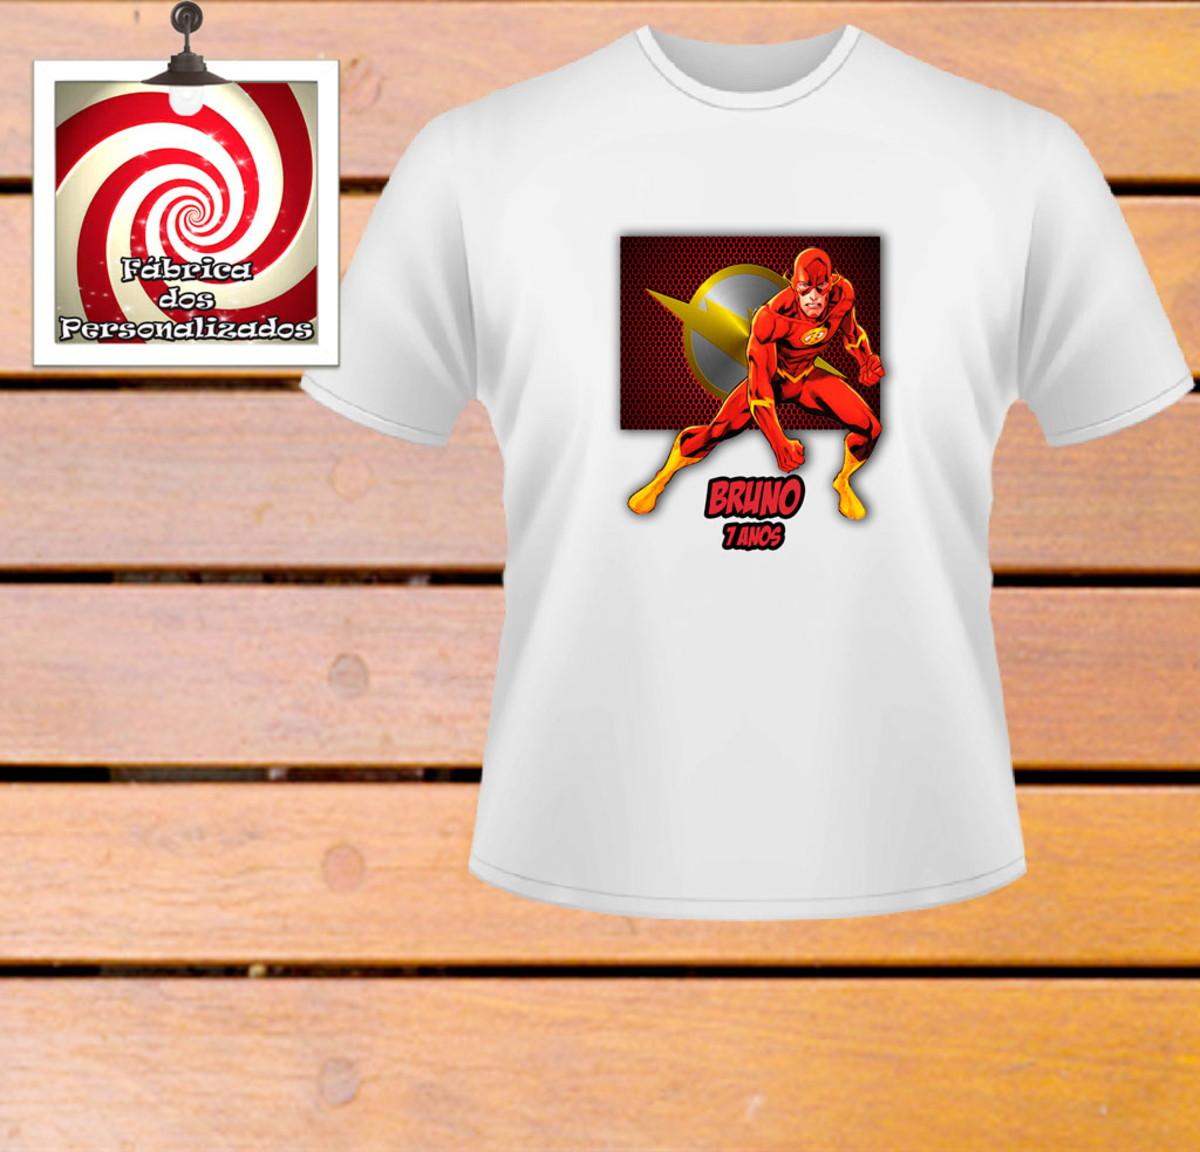 Camiseta Personalizada The Flash Linda estampa pra você! no Elo7 ... b94e546e3f7